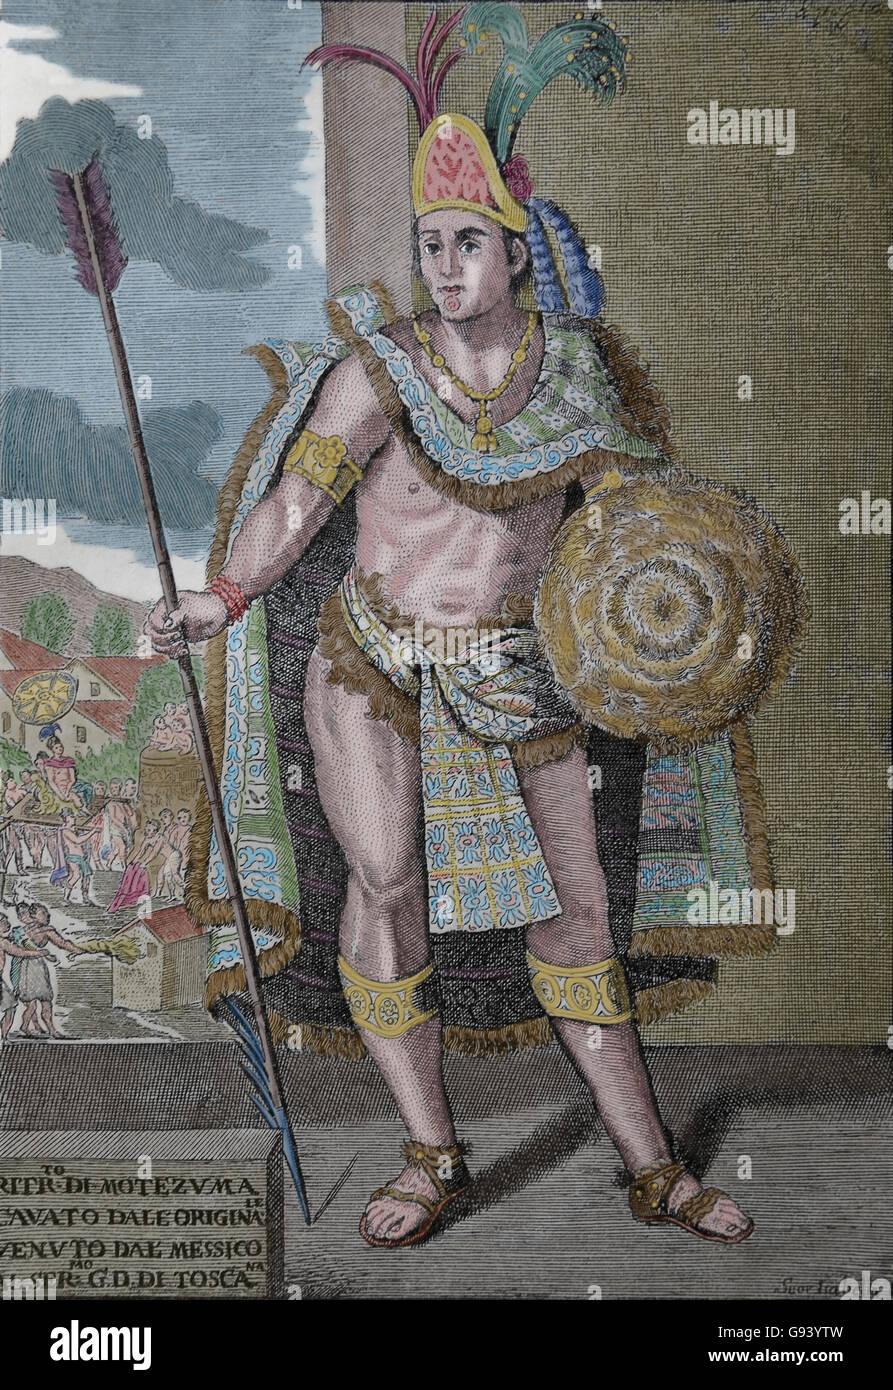 Moctezuma Ii 1466 ð 1520 Herrscher Von Tenochtitlán Mesoamerika